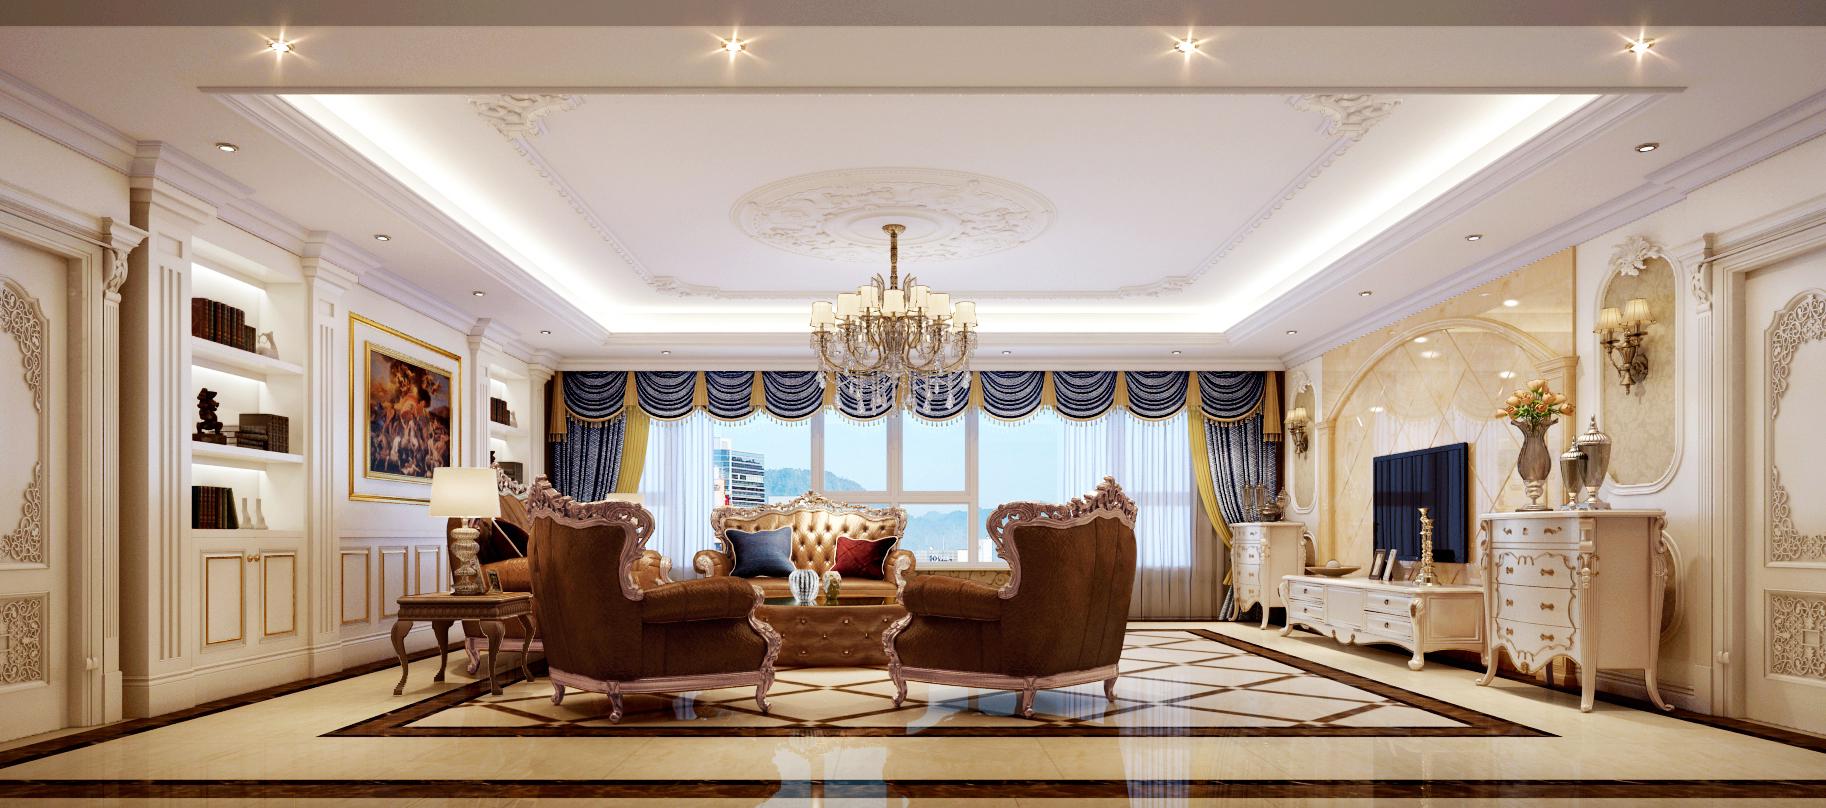 欧式 简约 别墅 西山别墅 软装配饰 客厅图片来自尚层装饰张迪在120万帮您打造450平全案欧式风格的分享